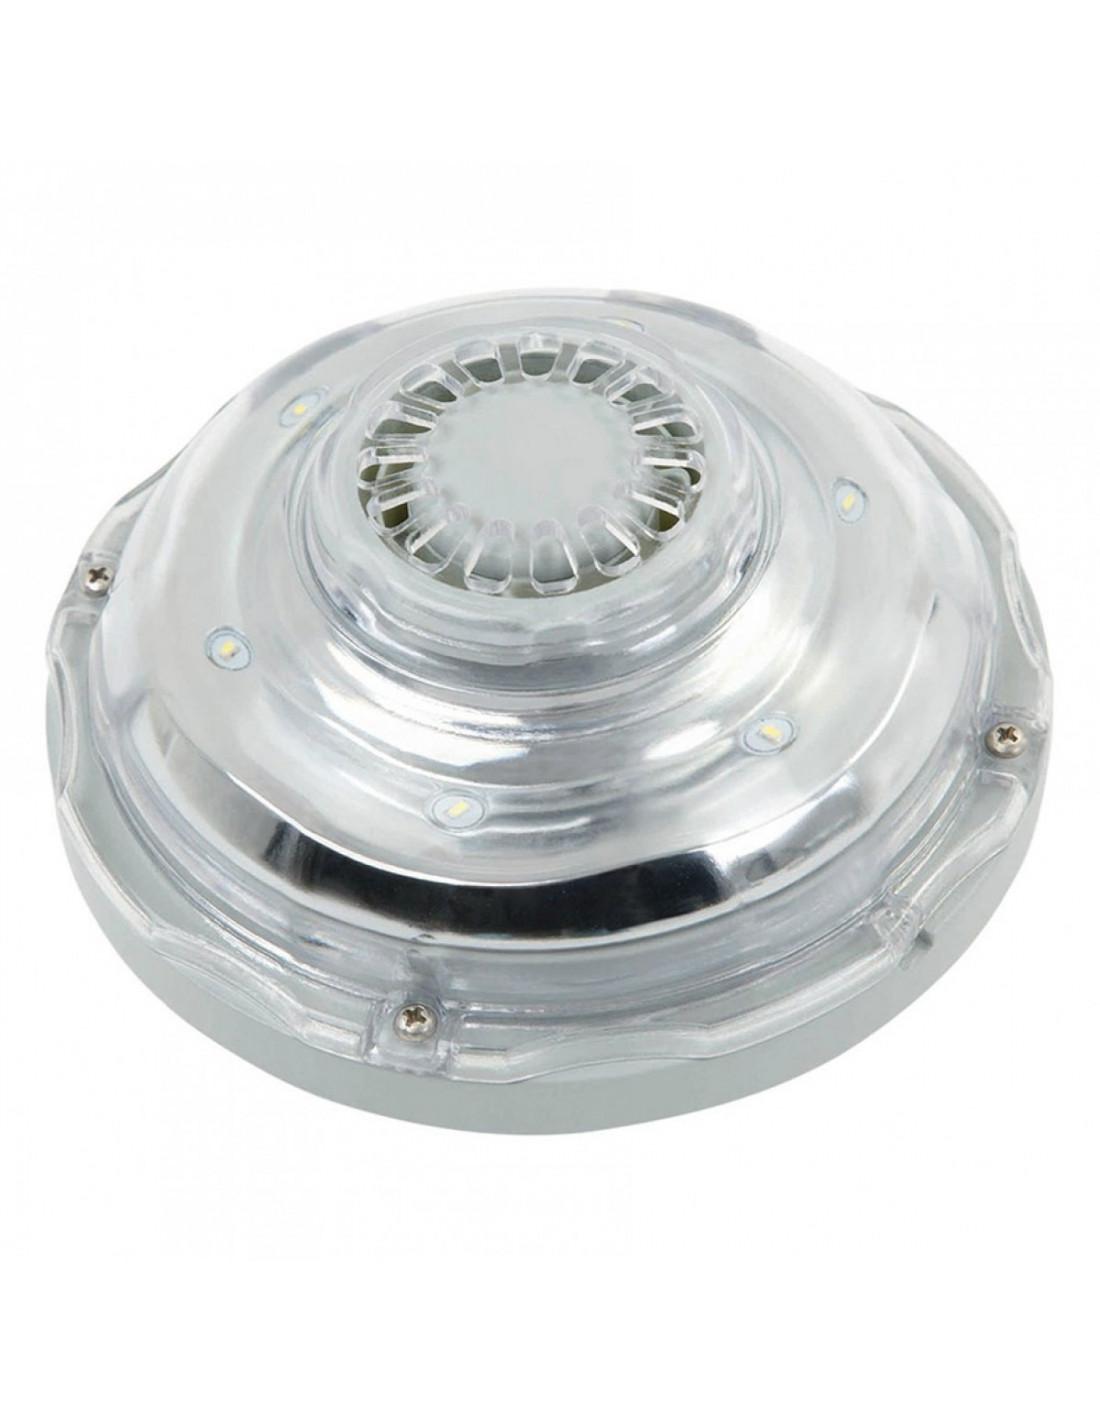 Intex lampe led pour piscine connexion 38 mm hyper brico for Lampe pour piscine